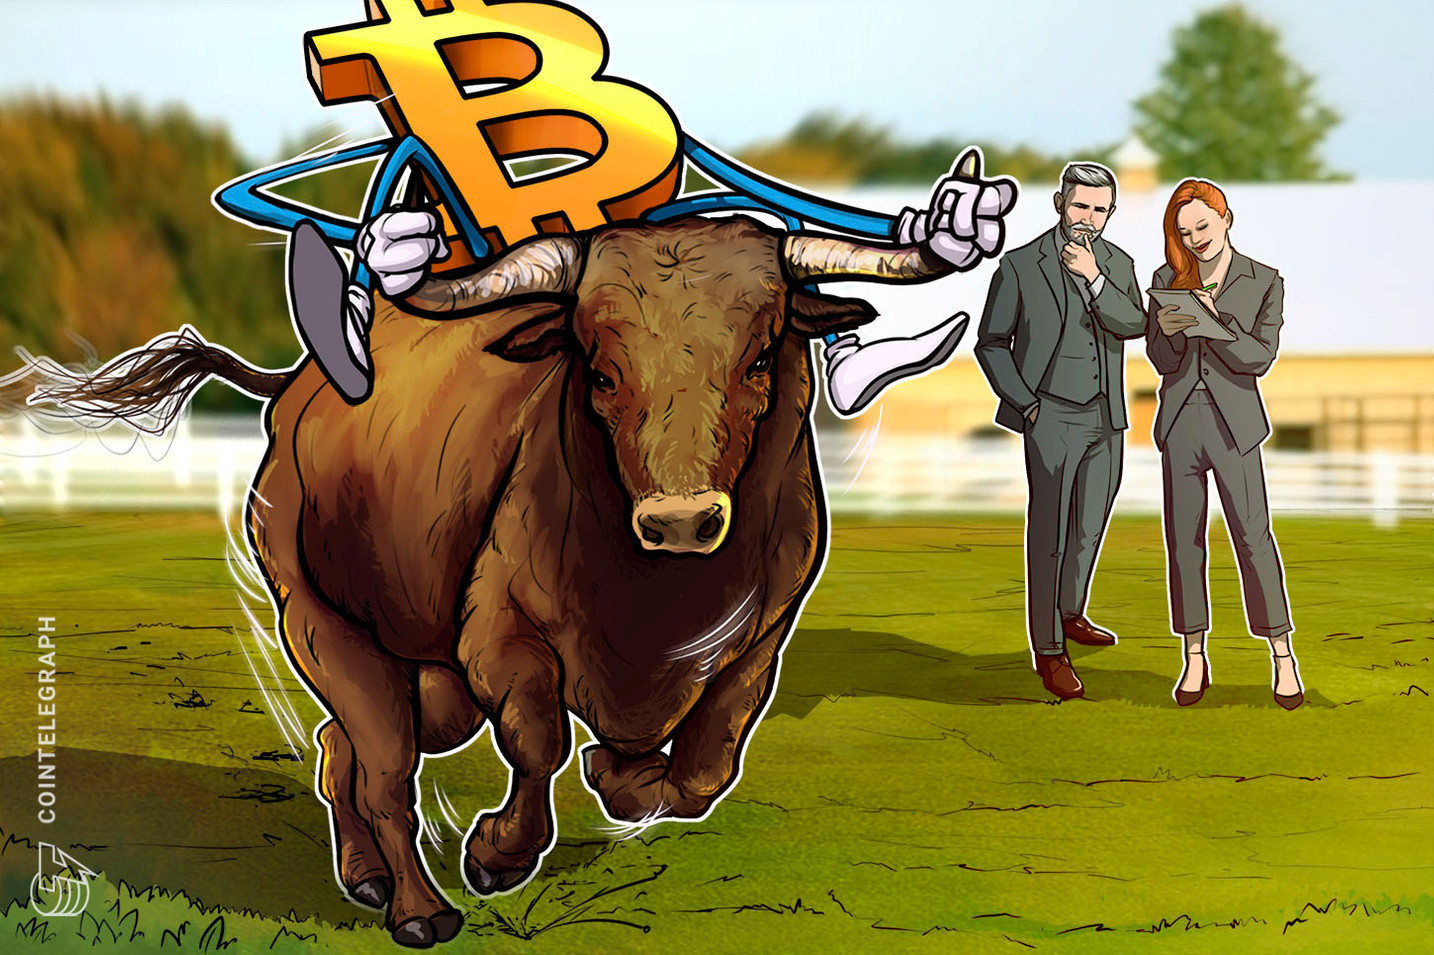 仮想通貨ビットコインは次の上昇フェーズに向かうか? グレイスケールのGBTCに注目